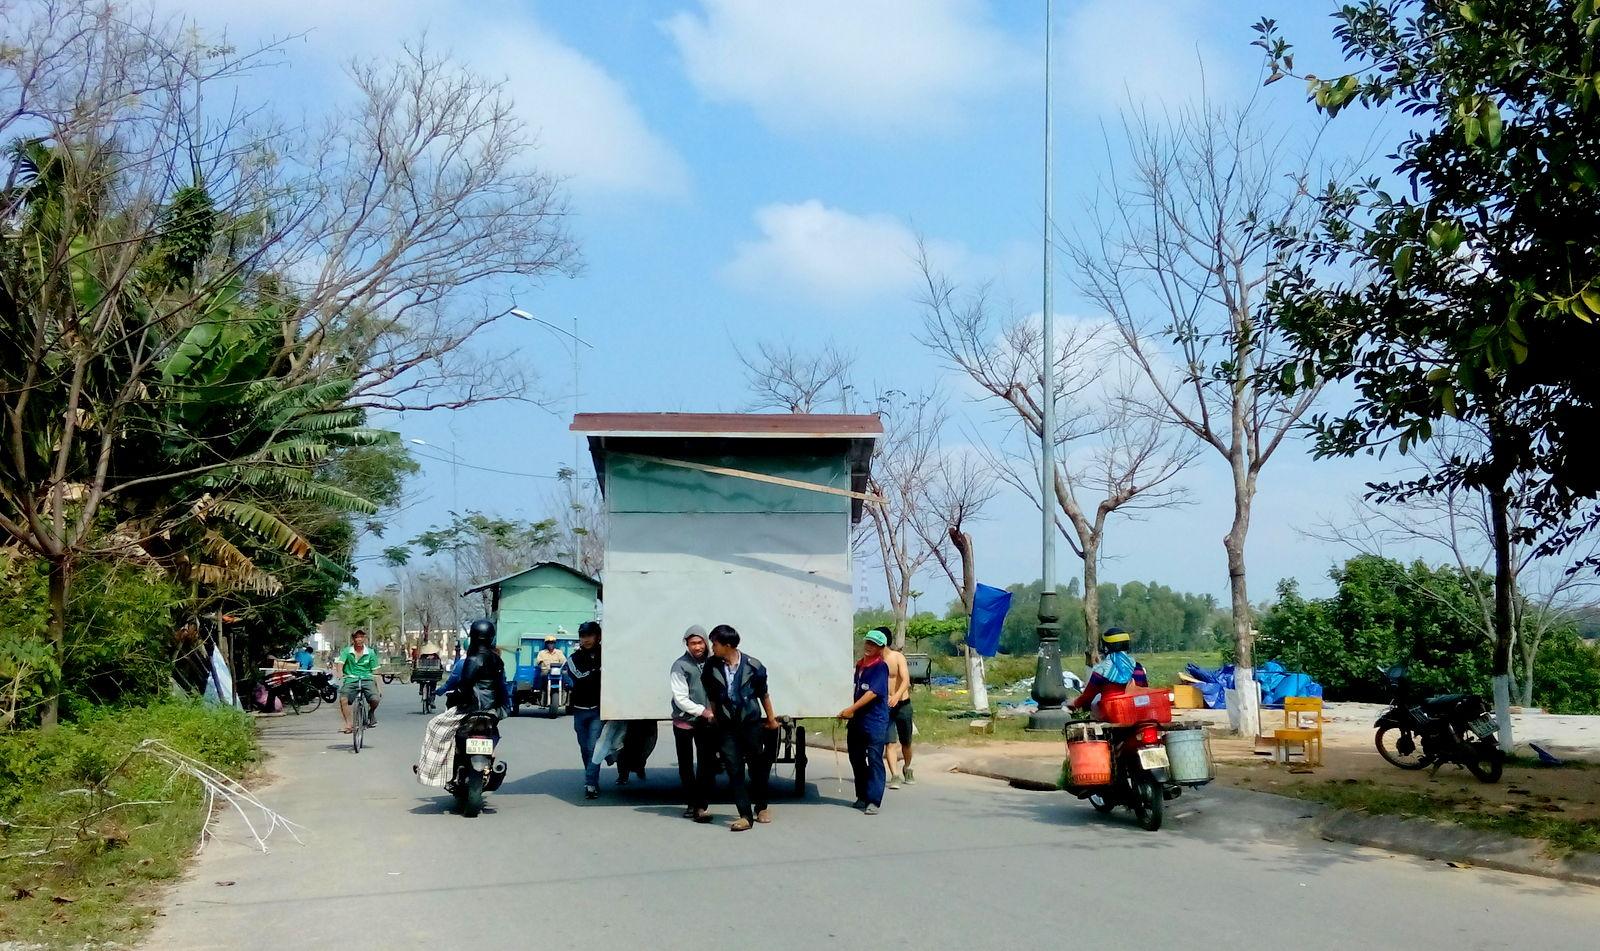 Các hộ dân di dời lều, trại, vật dụng che chắn để hoàn trả lại mặt bằng vỉa hè đường Bạch Đằng. Ảnh: XUÂN KHÁNH